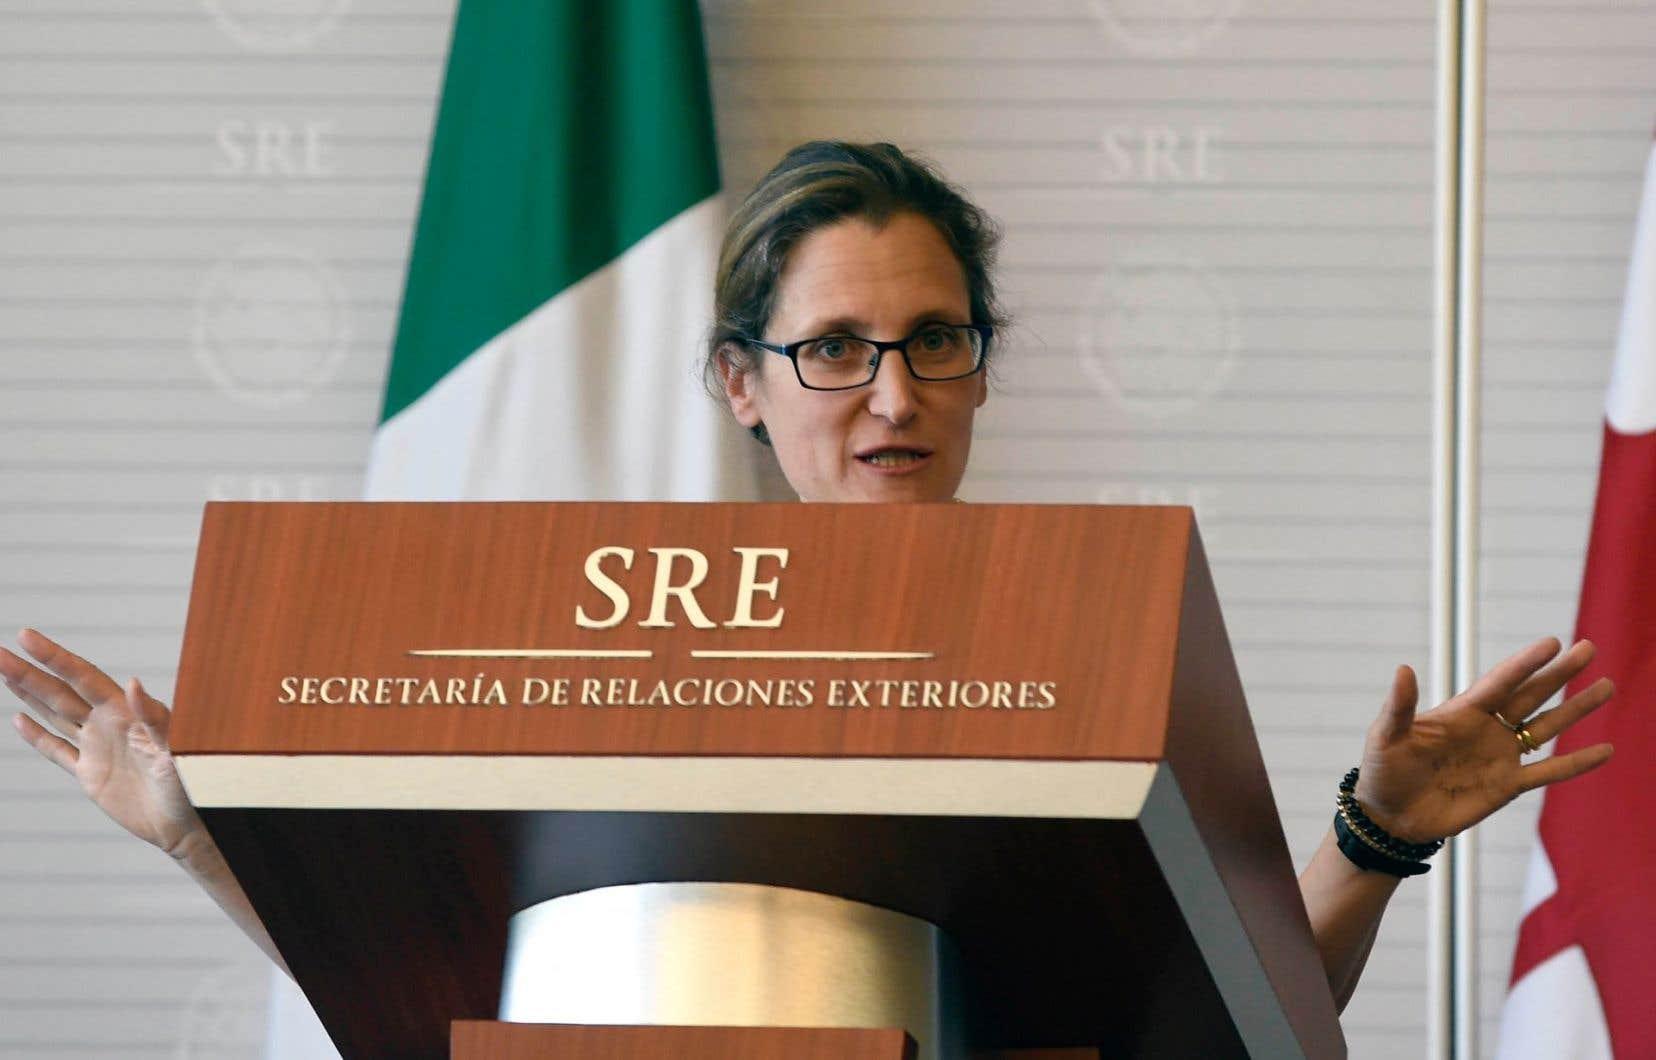 Chrystia Freeland, lors d'une rencontre à Mexico avec son homologue Luis Videgaray, mardi le 23 mai, à Mexico